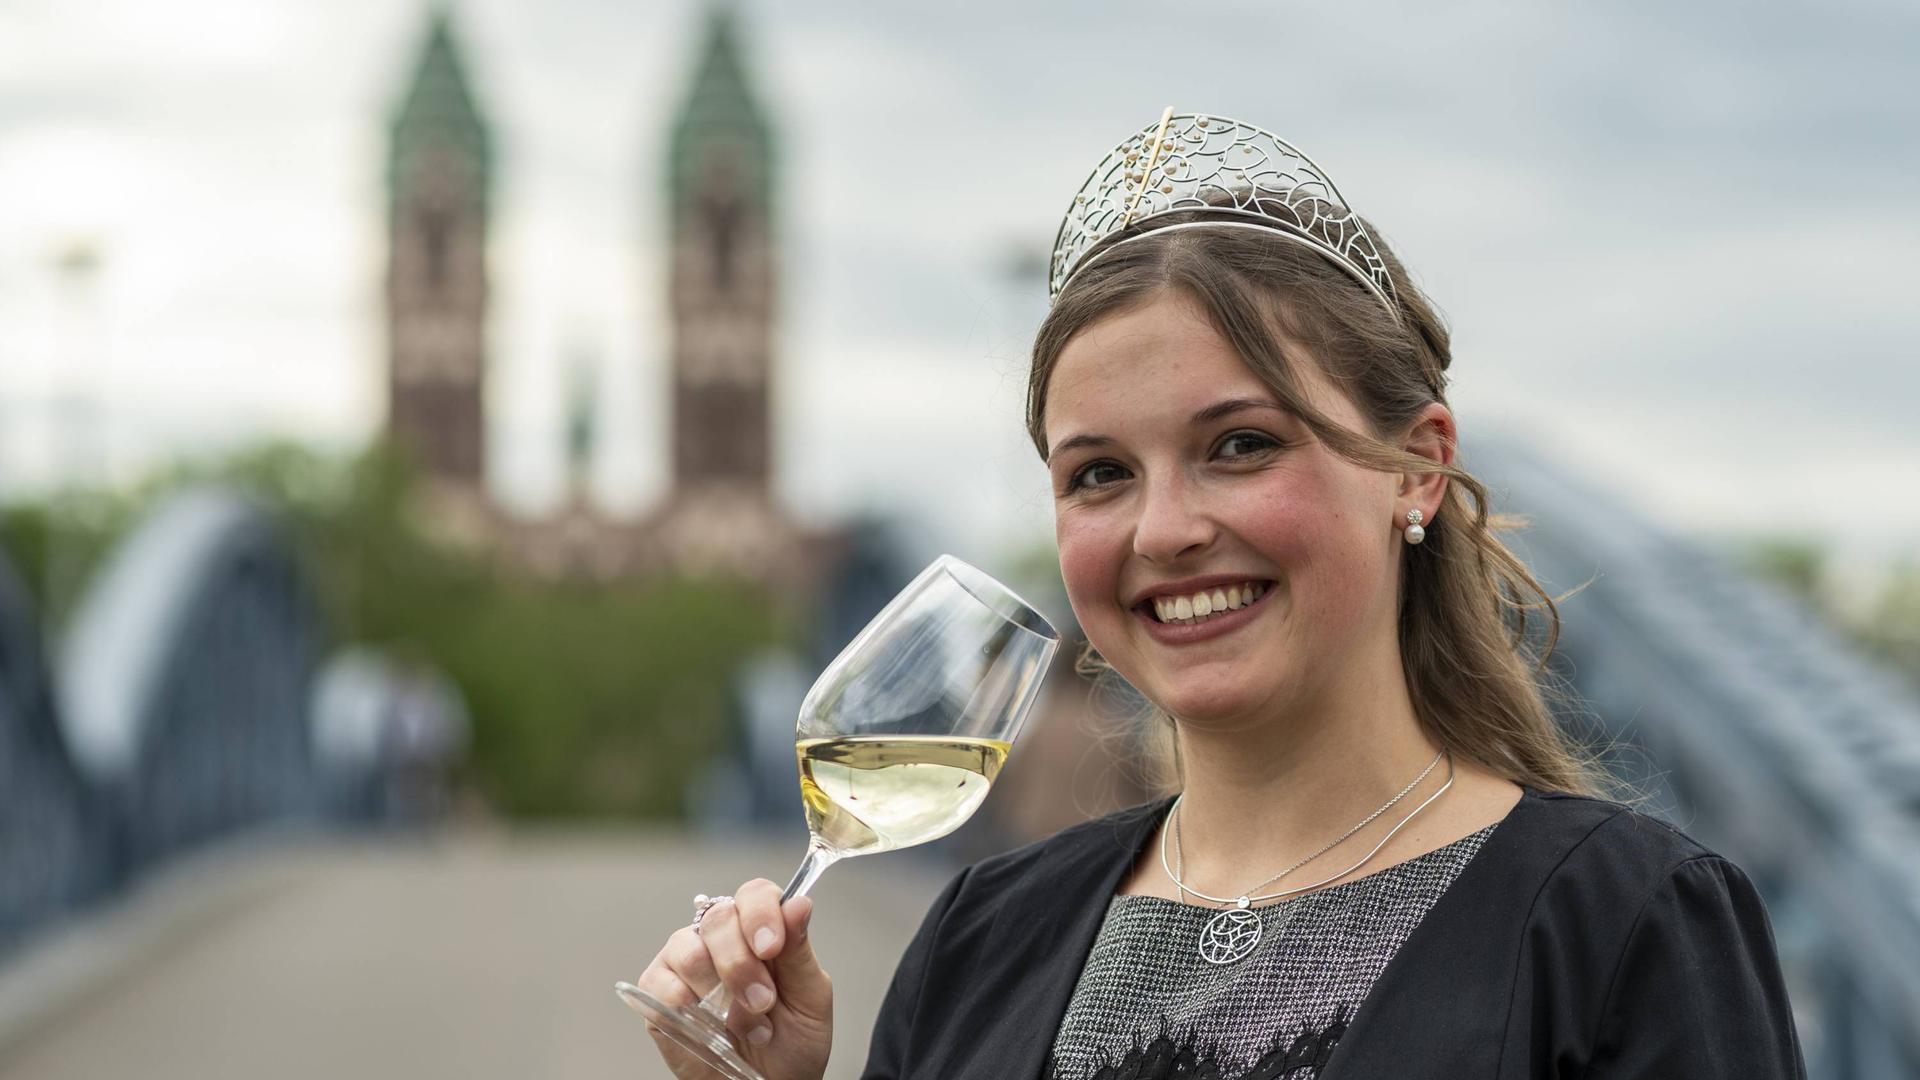 Die derzeitige Badische Weinkönigin Sina Erdrich. Am Freitag wird ihre Nachfolgerin gewählt.